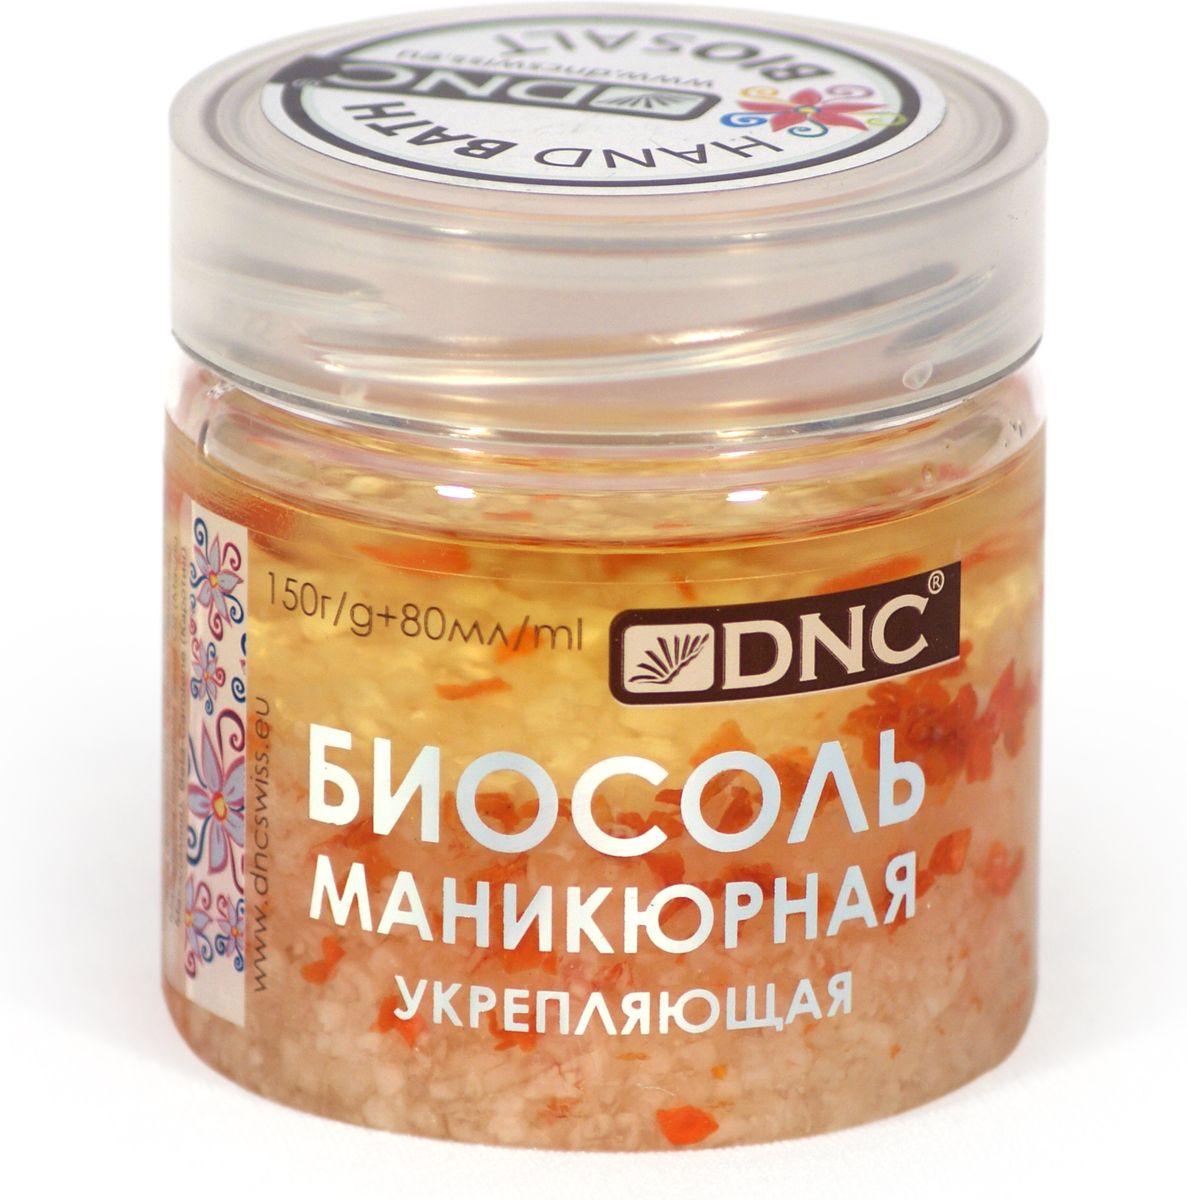 Биосоль маникюрная DNC, укрепляющая, 150 г + 80 мл4751006752832Уникальное сочетание масляного комплекса и морской соли с растительными компонентами. Содержит кокосовое масло и витамин F, насыщающие ногти необходимыми питательными веществами. Также в состав комплекса входят норковое масло и ланолин, которые укрепляют ногти и восстанавливают их структуру. Содержимого хватит примерно на 30 ванночек для рук.